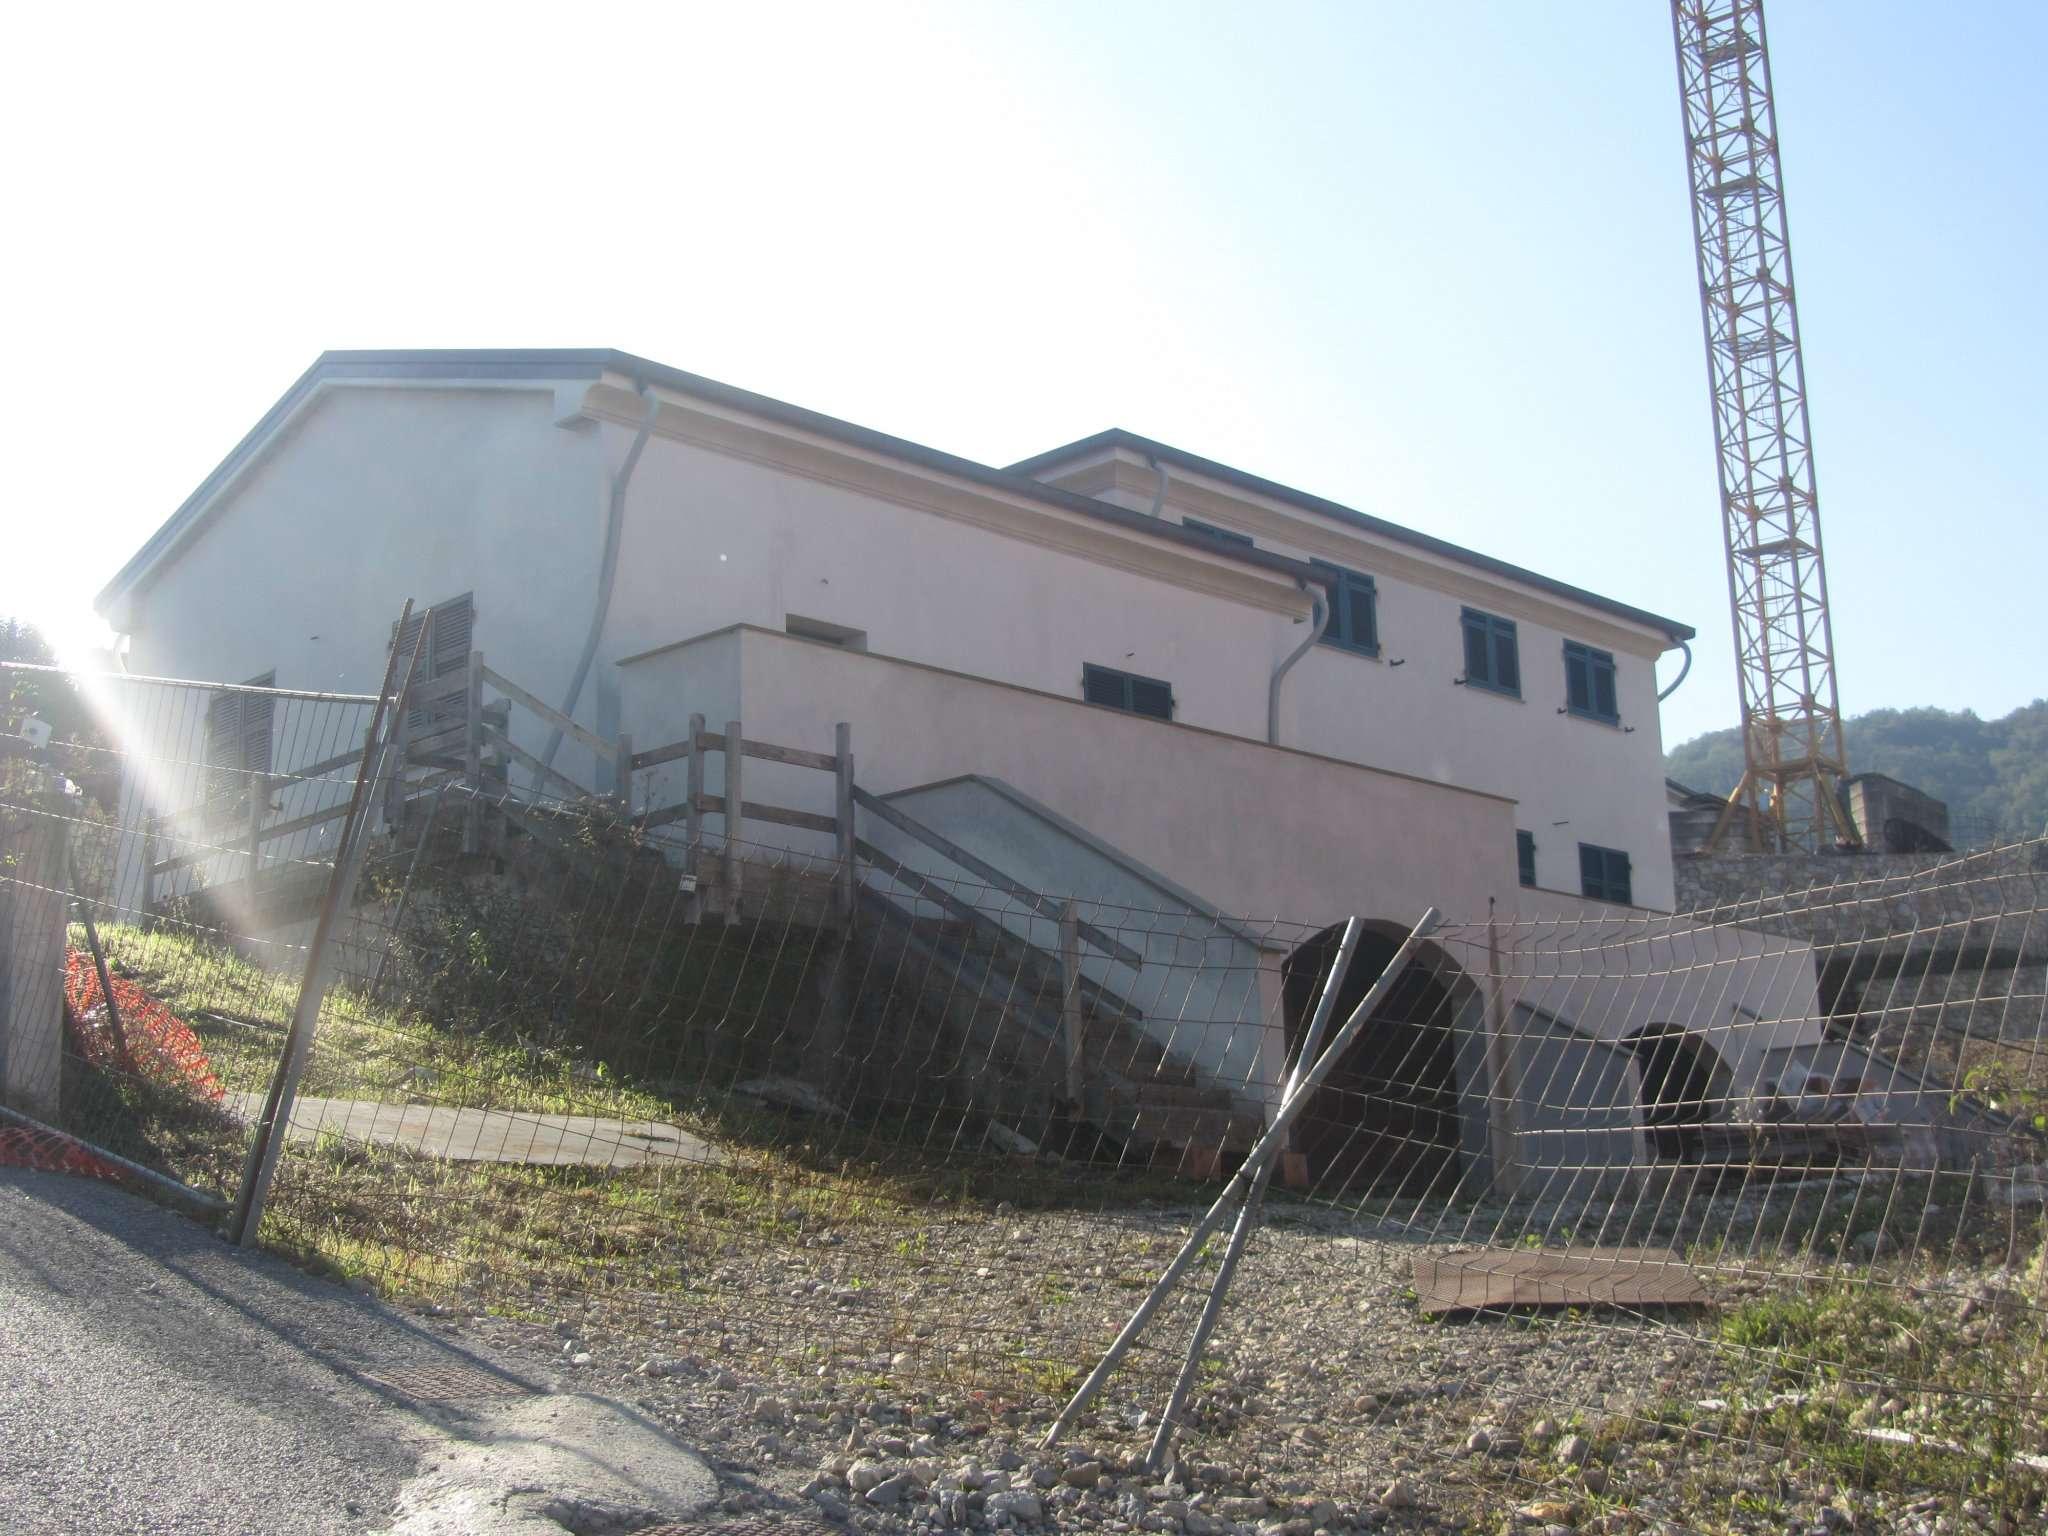 Appartamento in vendita a Riccò del Golfo di Spezia, 7 locali, prezzo € 290.000 | CambioCasa.it